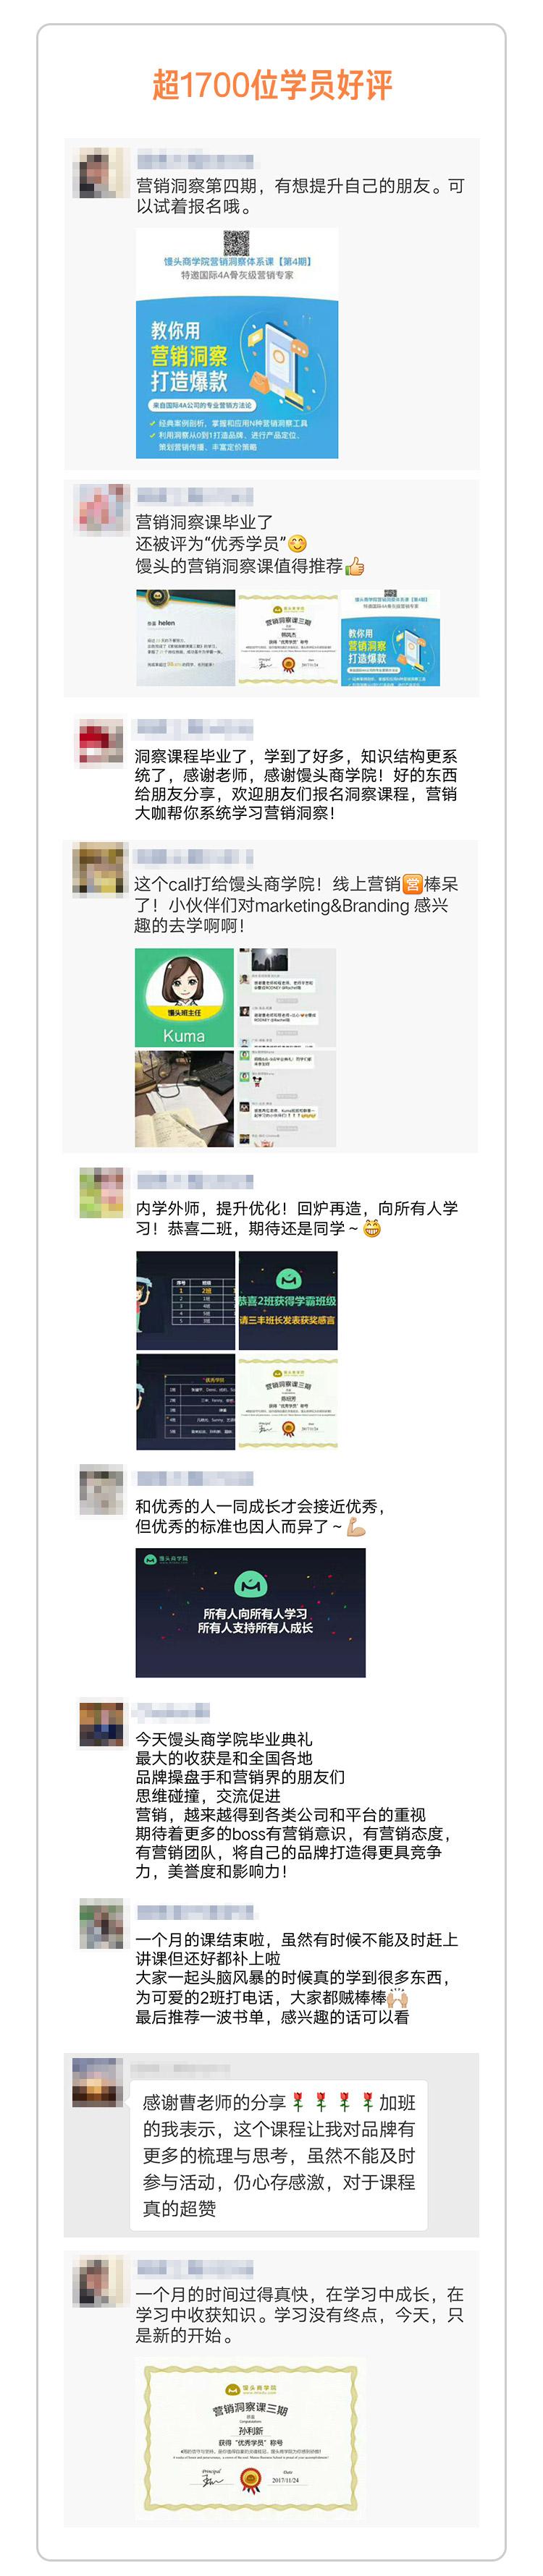 http://mtedu-img.oss-cn-beijing-internal.aliyuncs.com/ueditor/20180227175132_284354.jpg